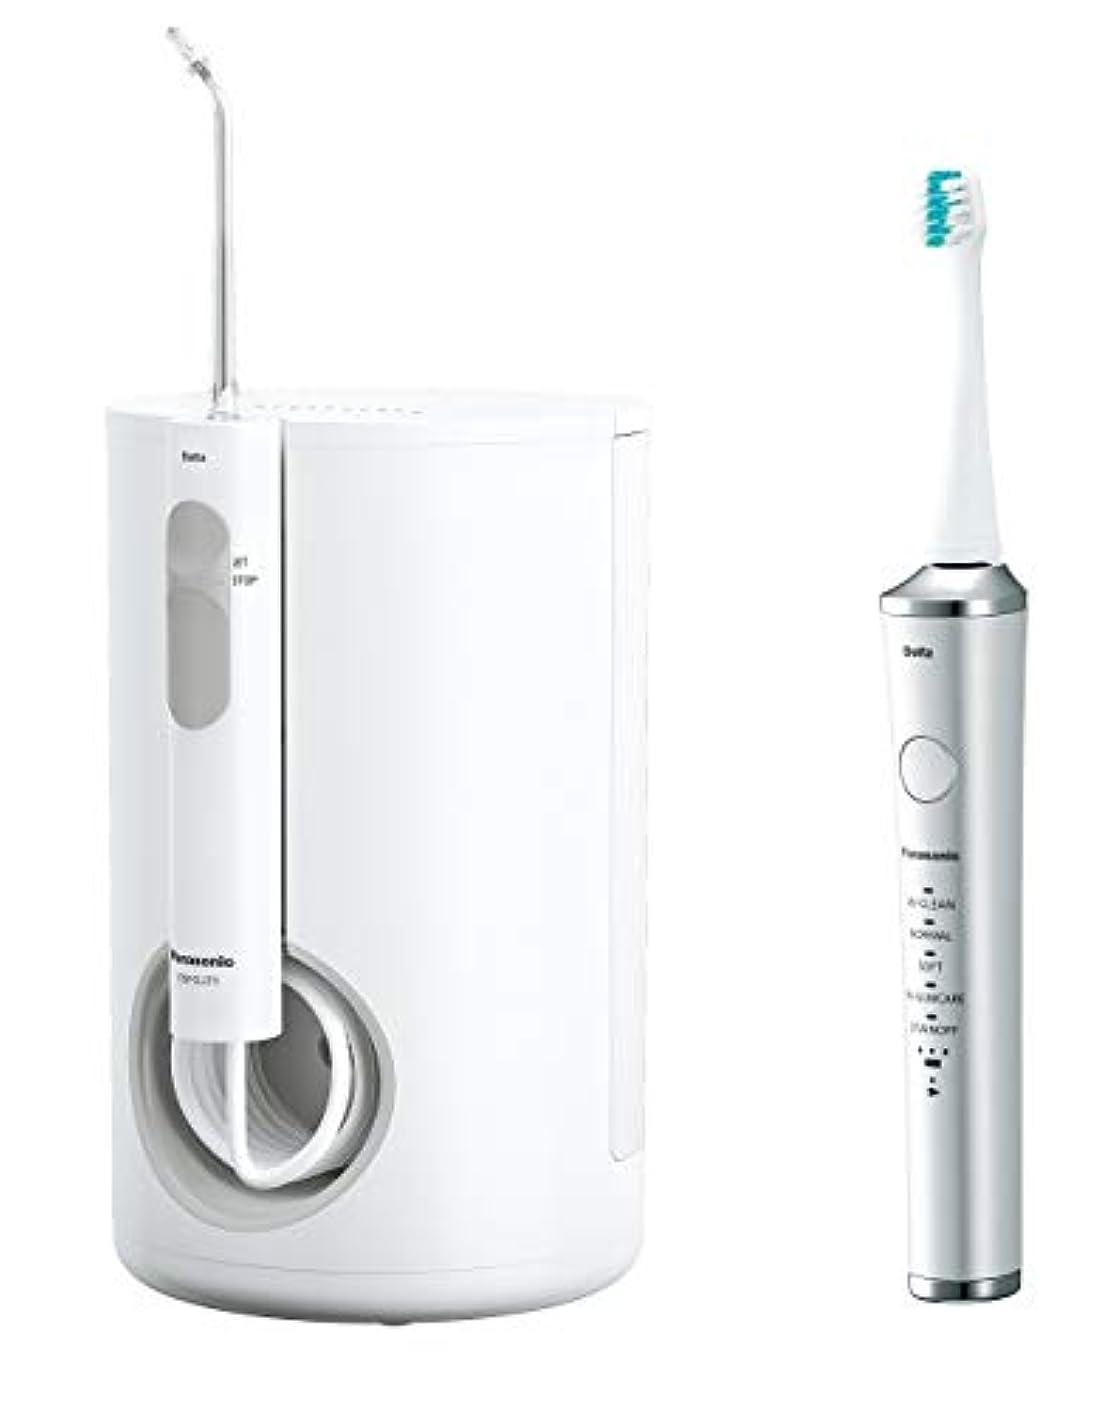 森林自分のために威するパナソニック 口腔洗浄器 ジェットウォッシャー ドルツ 白 EW-DJ71-W + 電動歯ブラシ ドルツ セット